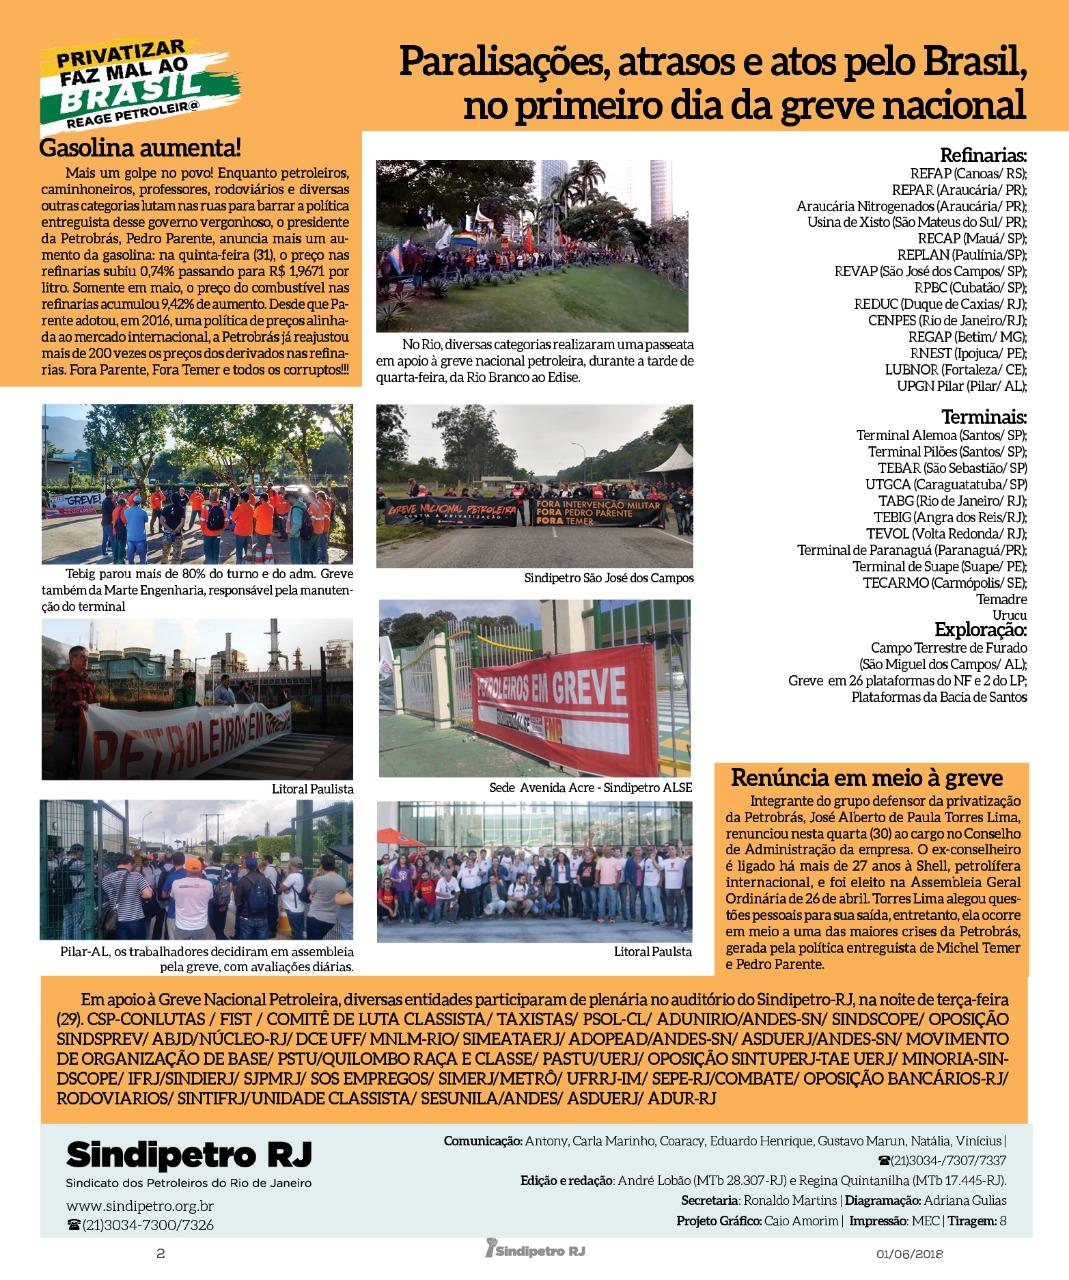 Assembleias de grevistas na entrada do expediente avaliam continuidade do movimento IMG 20180531 WA0066